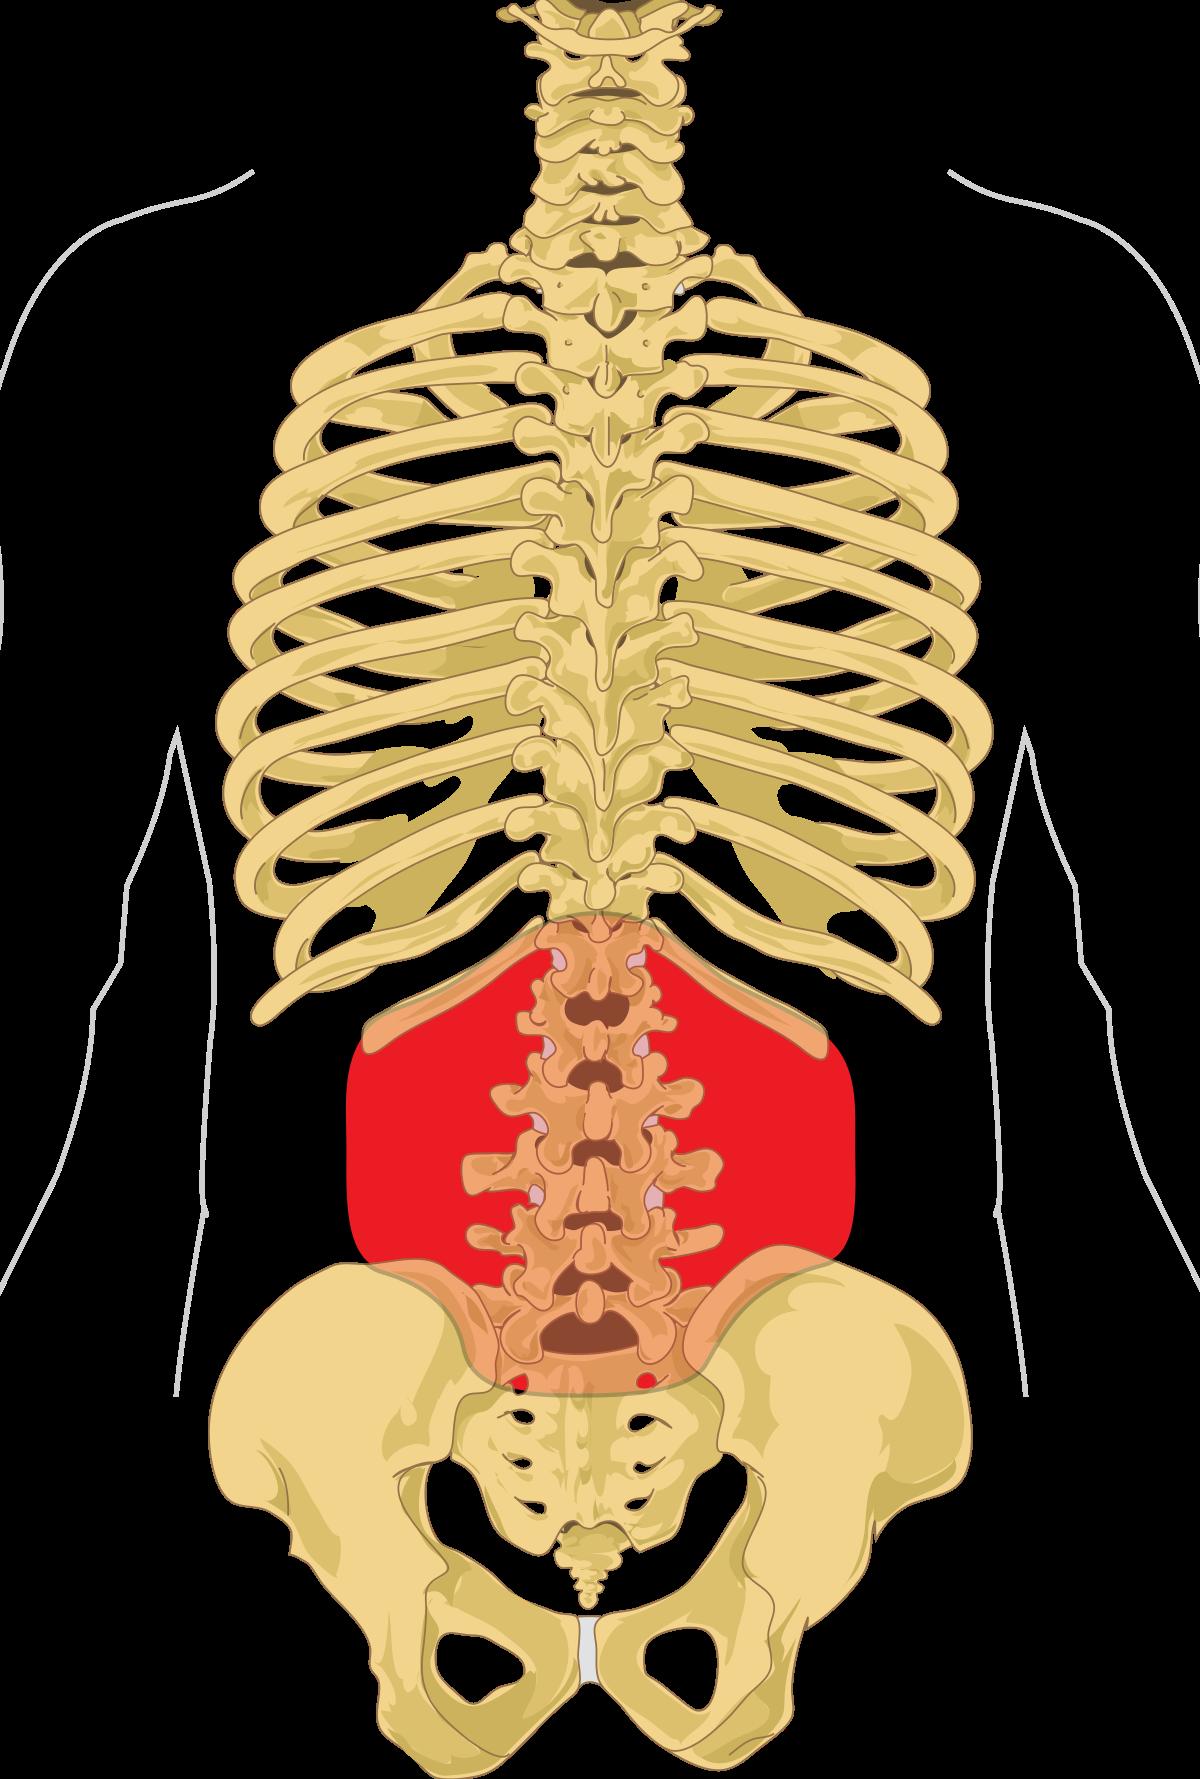 hol kell kezelni a gerinc ízületeit